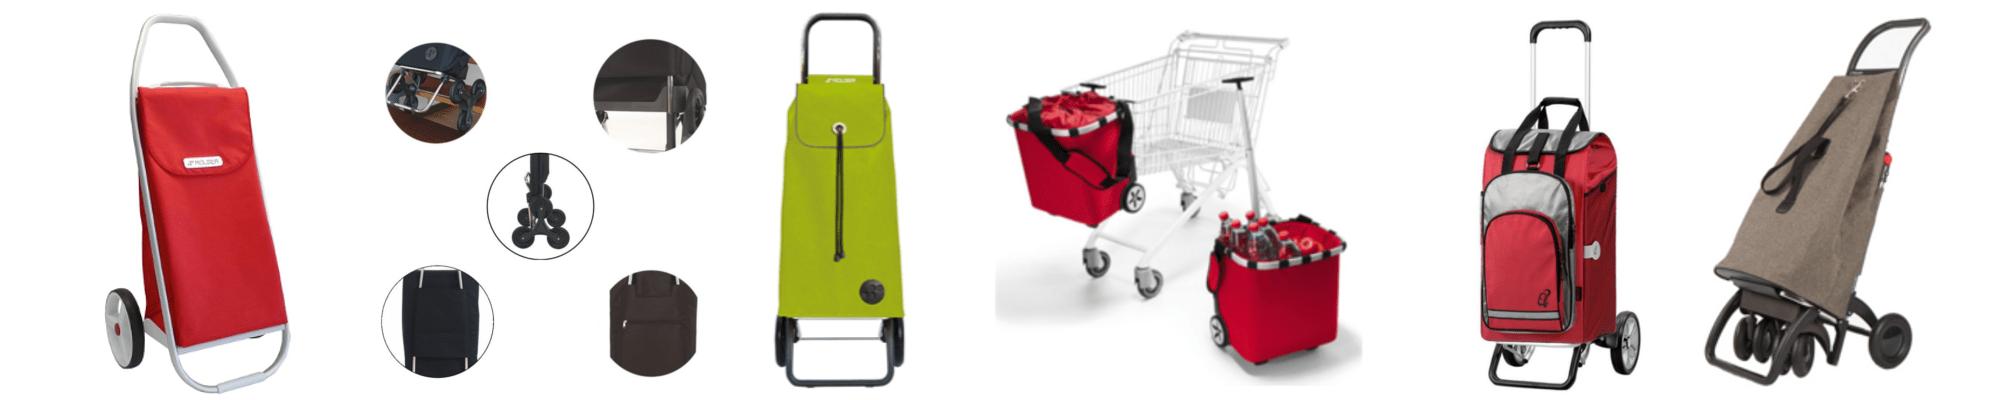 Einkaufstrolley-Vergleich